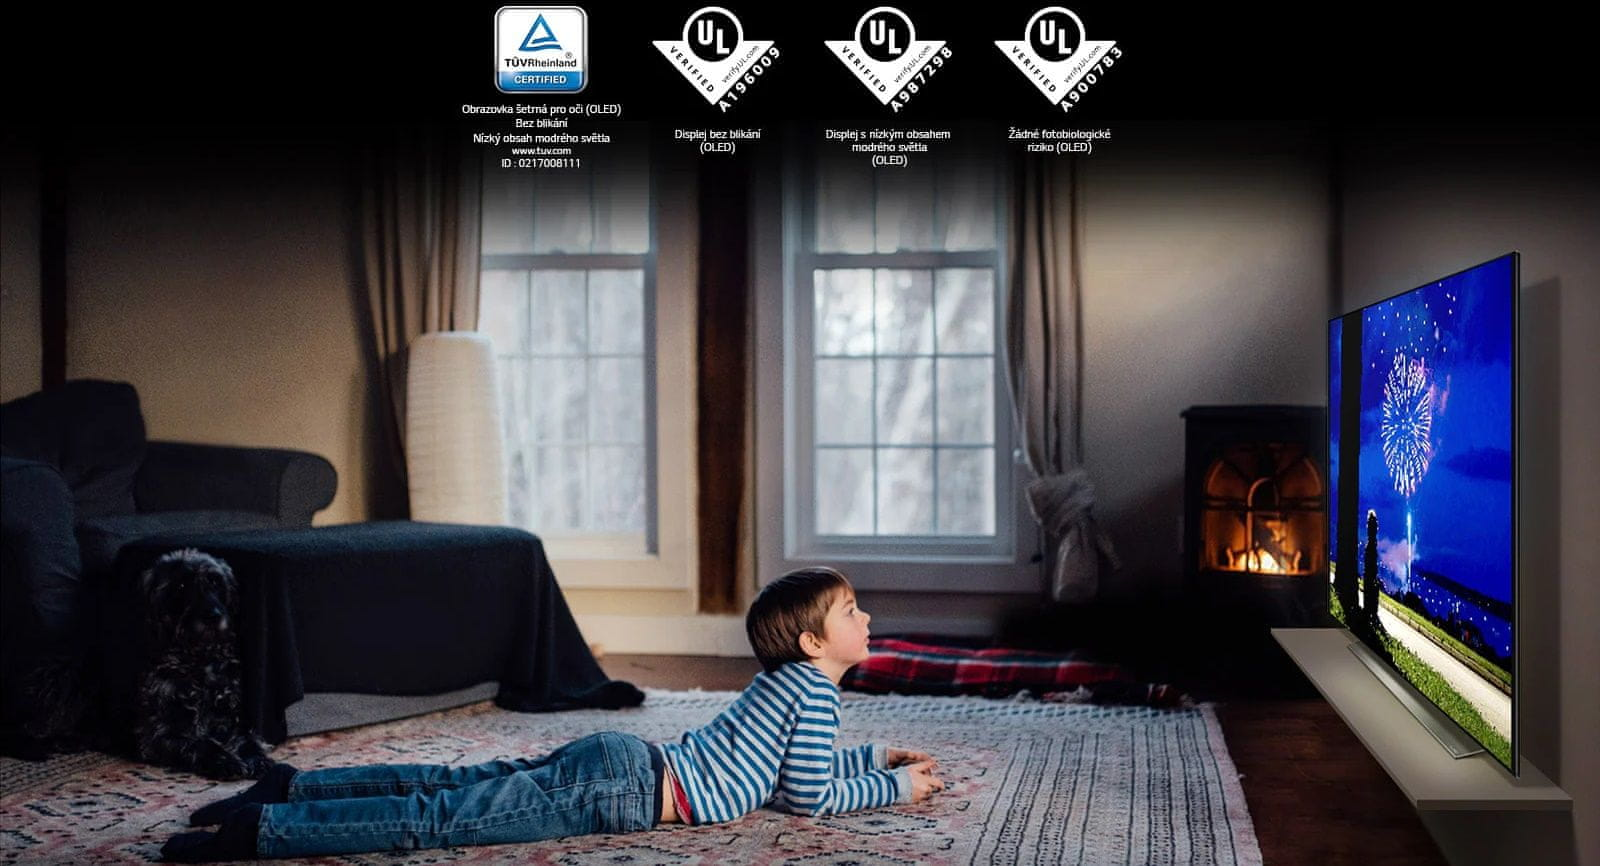 LG TV televize OLED evo 4K 2021 šetrný pro zrak modré světlo životní prostředí bezpečný